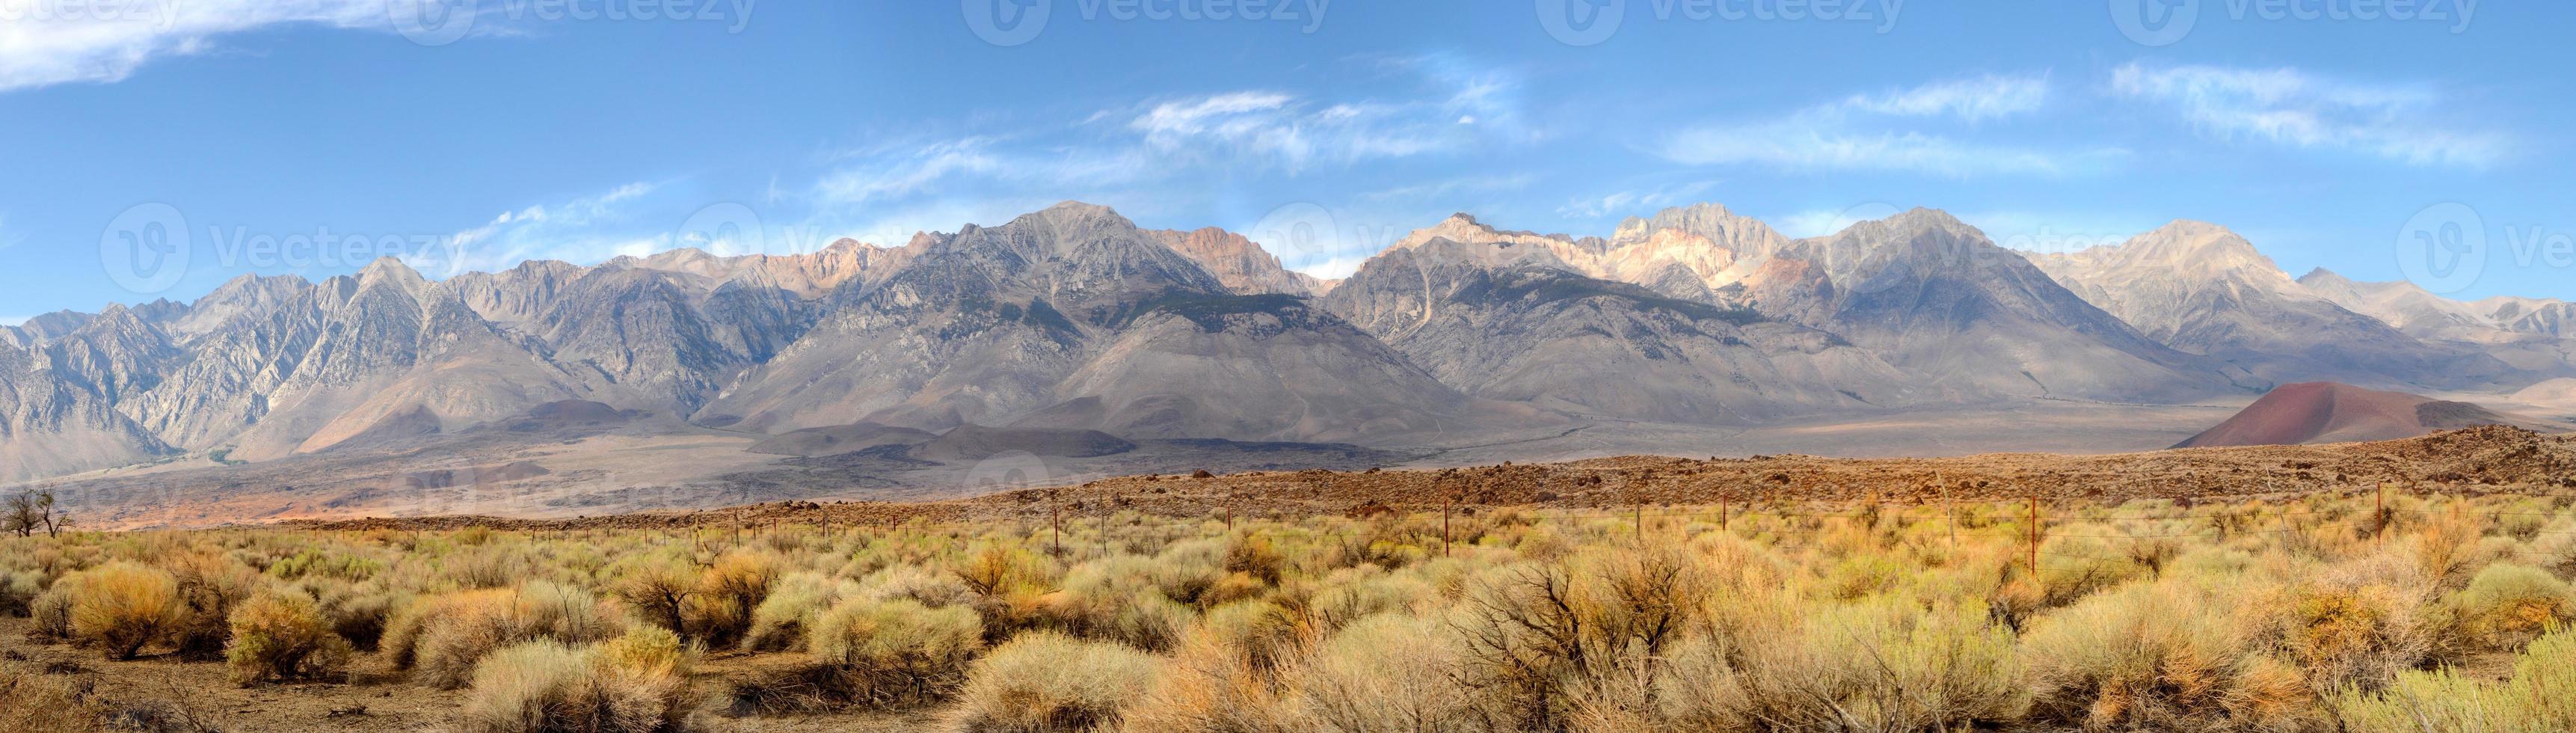 panorama das montanhas sierra nevada foto